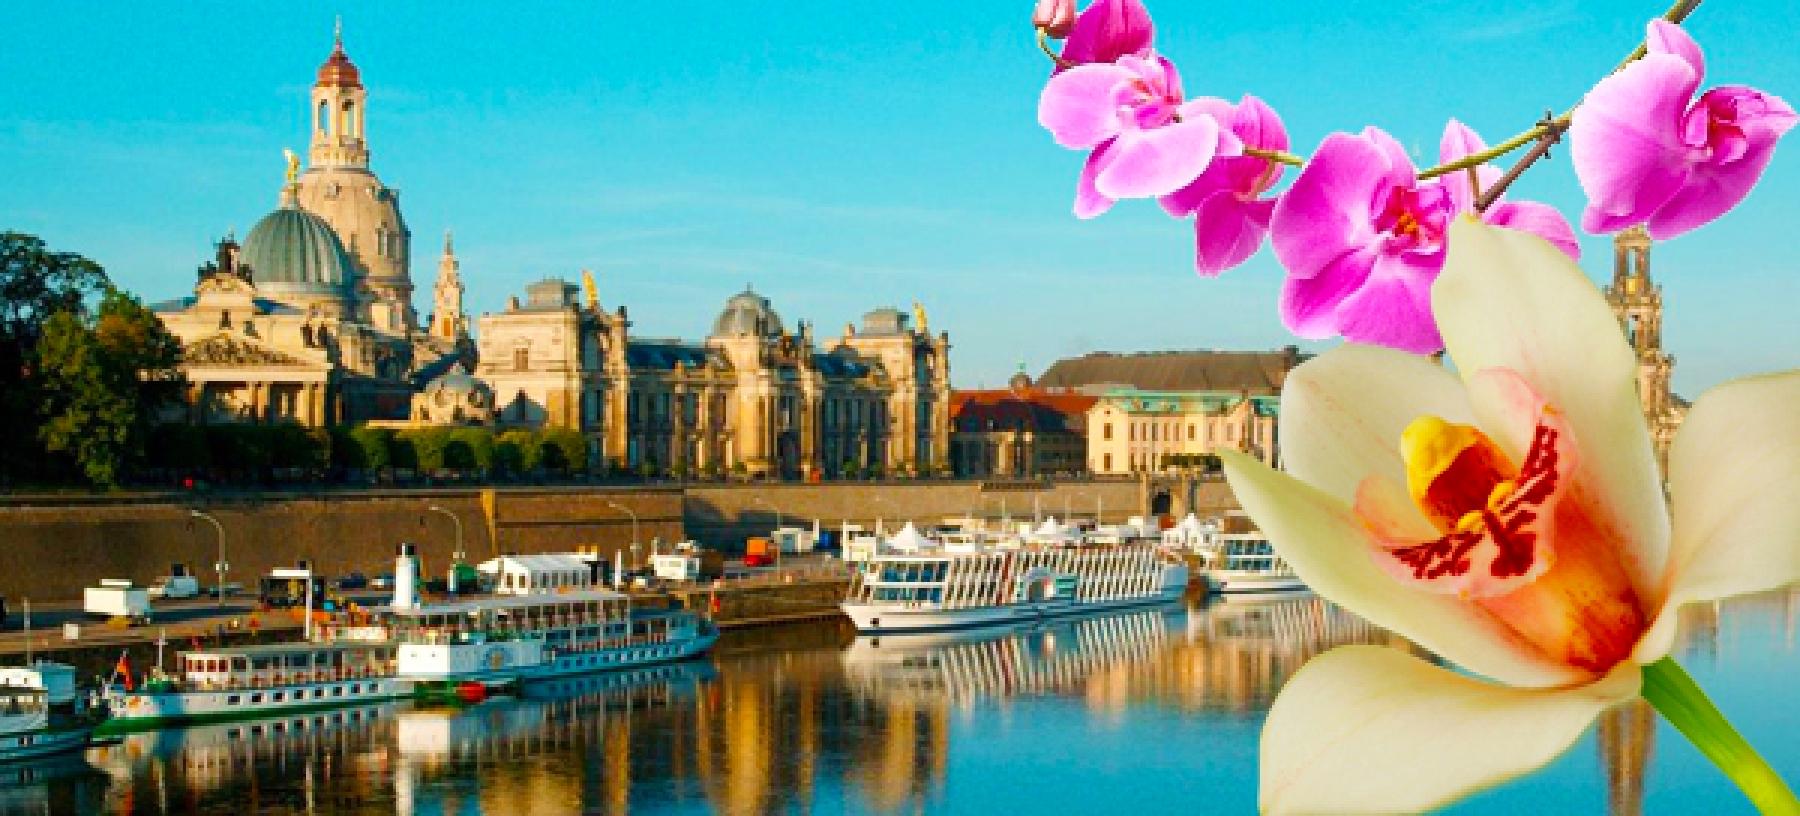 Drážďany – výstava orchidejí: autokarem